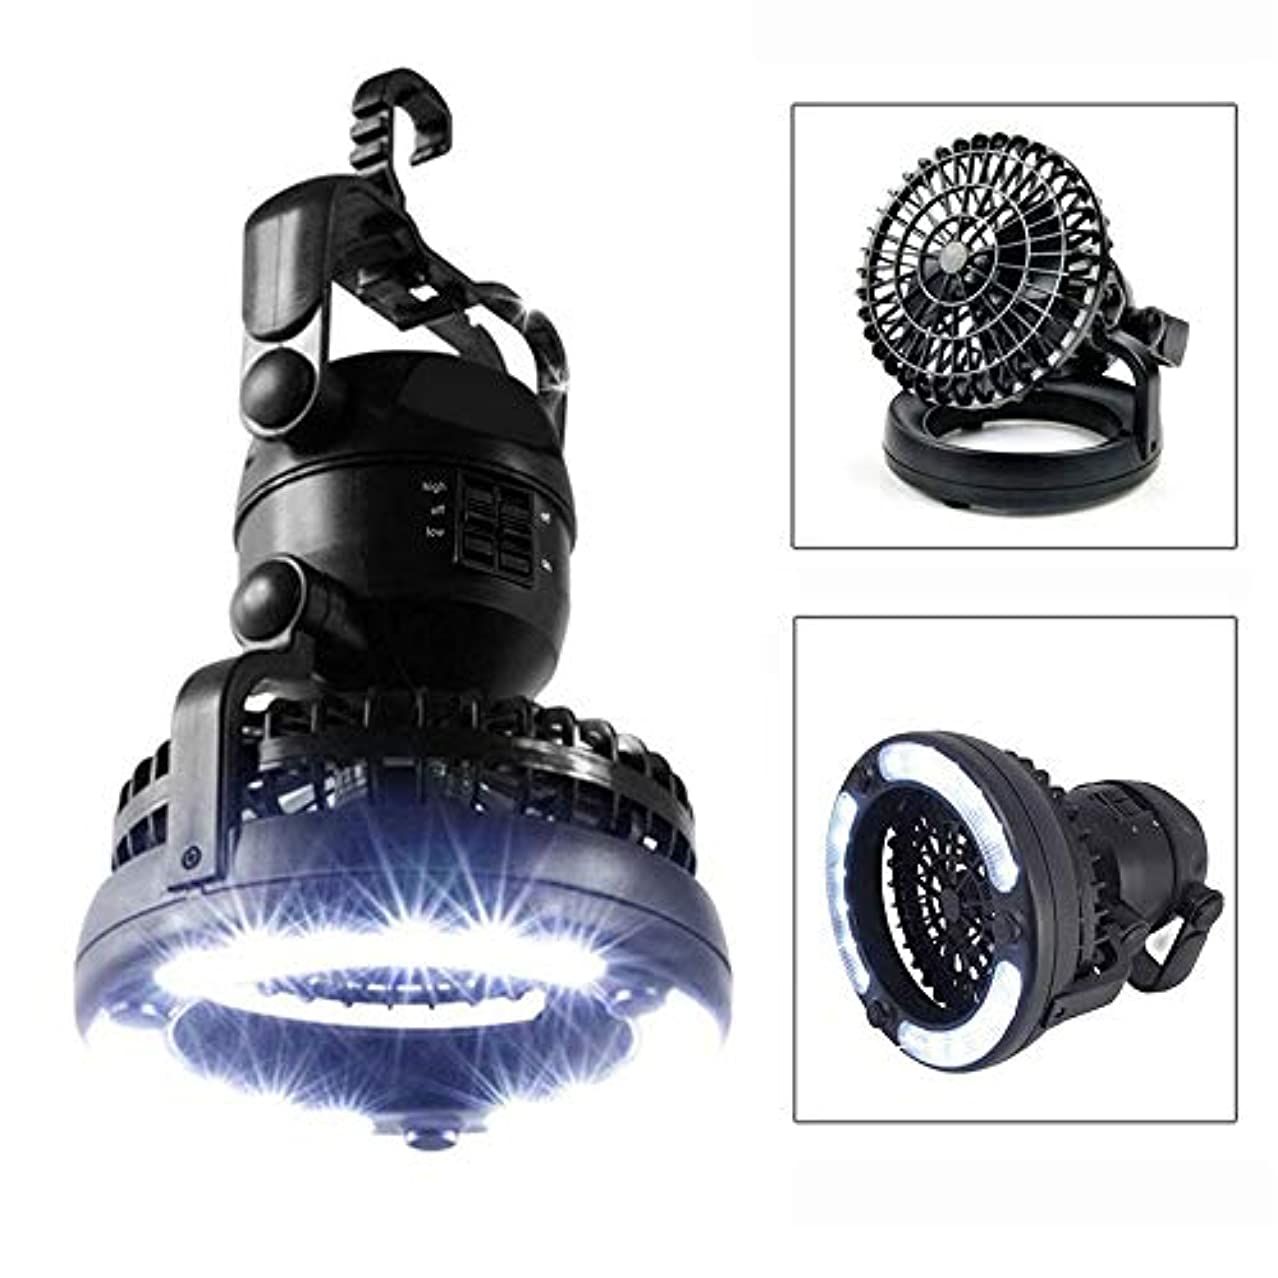 一流政治家の快適LEDキャンプランプ、LED懐中電灯の天井ファンが付いている1つの携帯用ランタン360回転停電のための防水防風電池式の非常灯ハイキング、緊急グリル